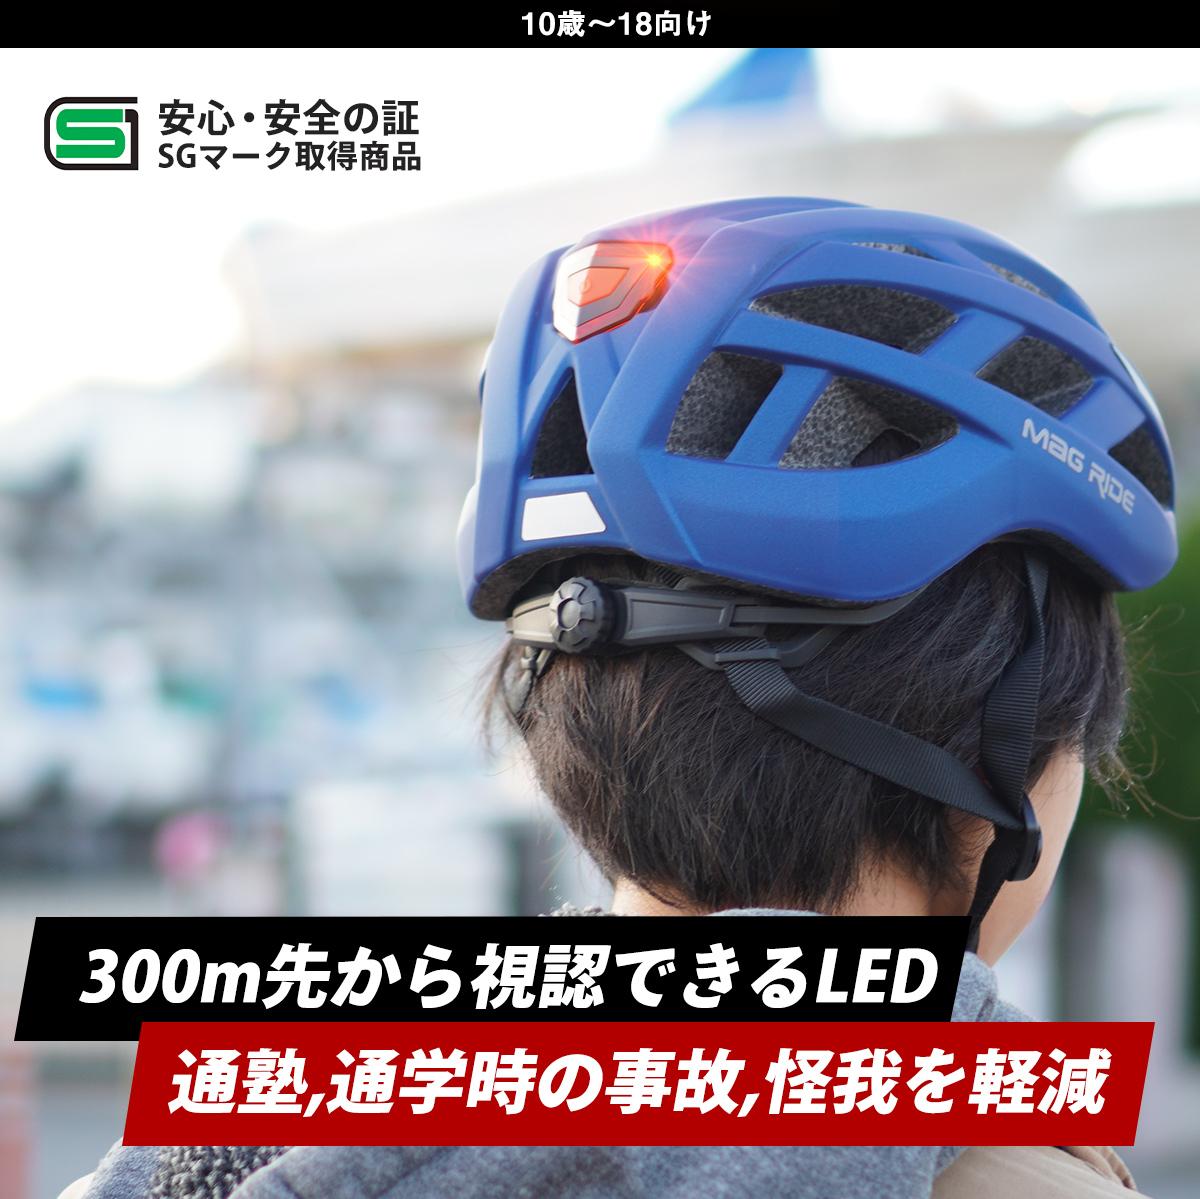 安全を第一に!夜間にアピールLEDヘルメット Mag RIDE 通学専用 ヘルメット ユース ジュニア LEDヘルメット 自転車用 55-59cm 小学生 中学生 高校生 ダイヤル調整 夜間 安心 充電式 防水防滴 240g 24マル 10歳~18歳 おしゃれ